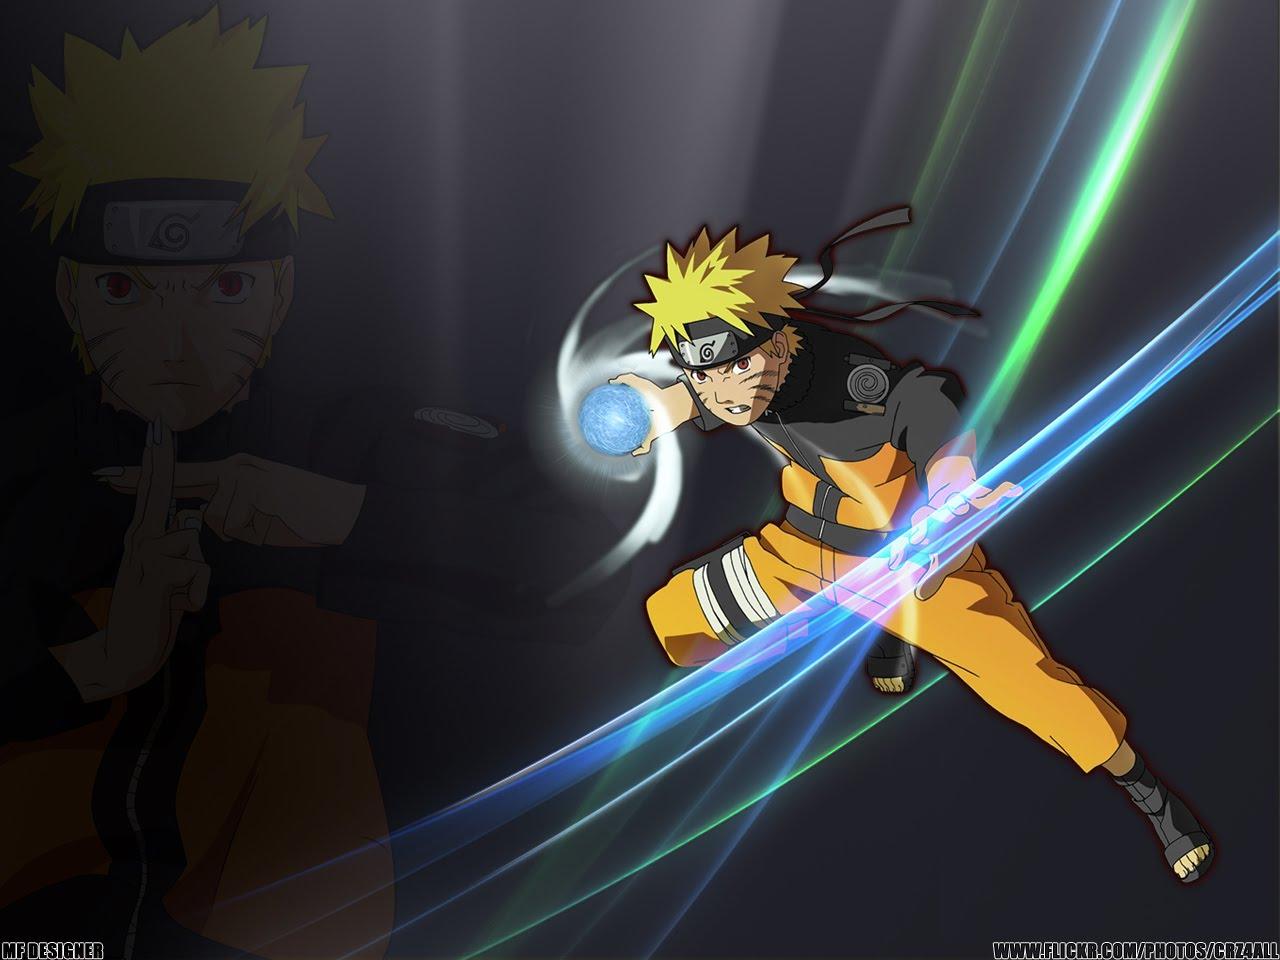 http://2.bp.blogspot.com/_qa6x2kDf7WI/S7uxb5fJfgI/AAAAAAAAALg/tnCXiGKaRCk/s1600/Naruto-Vista-98814.jpg